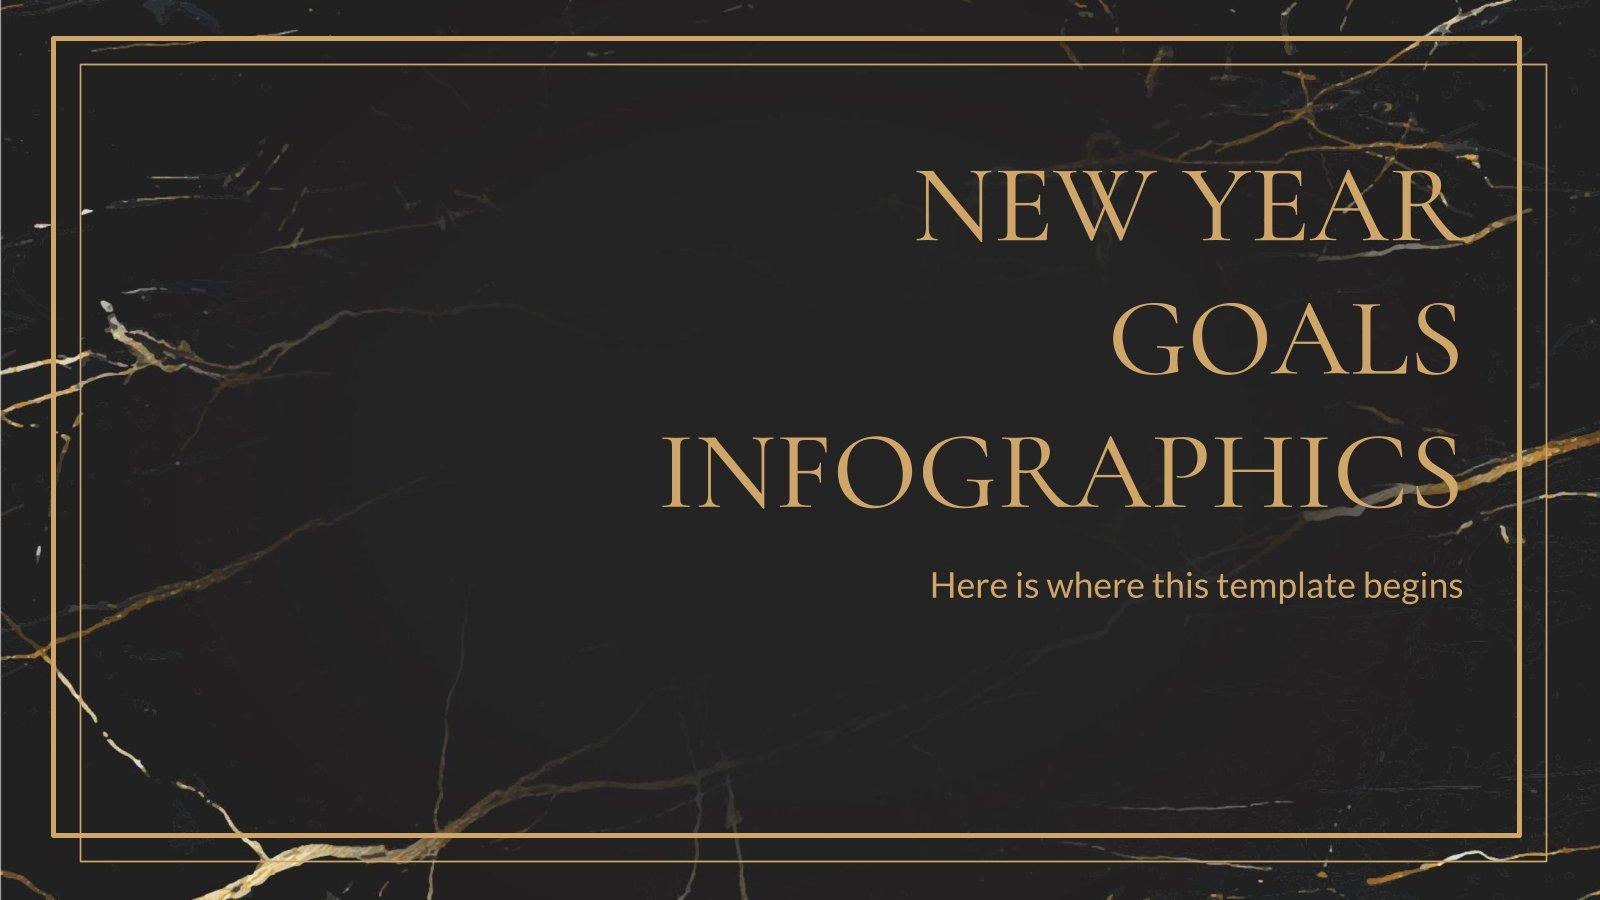 Modelo de apresentação Infográficos metas de Ano Novo